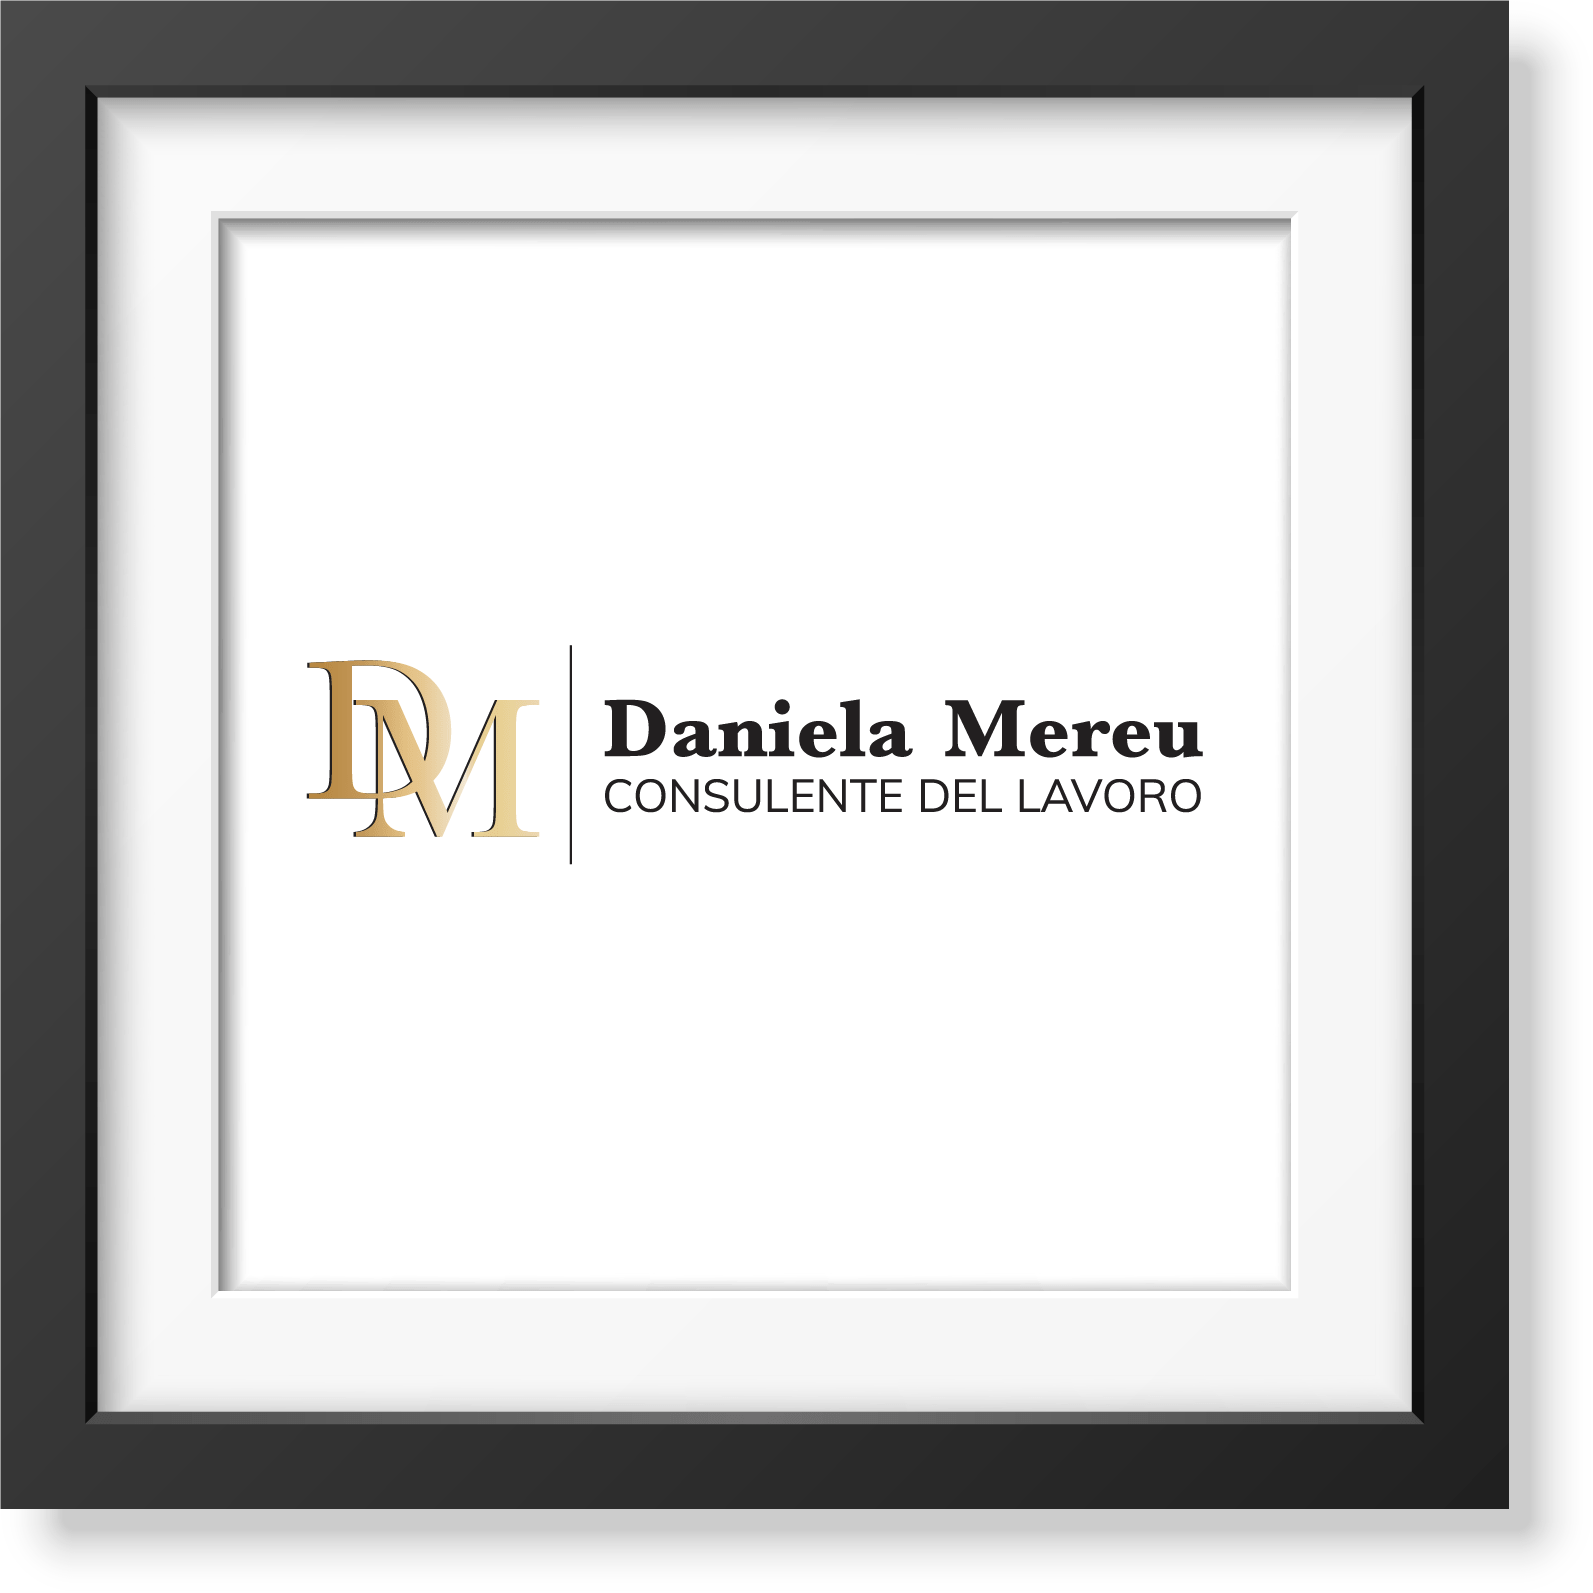 Daniela Mereu - Consulente del Lavoro - studio e realizzazione logo